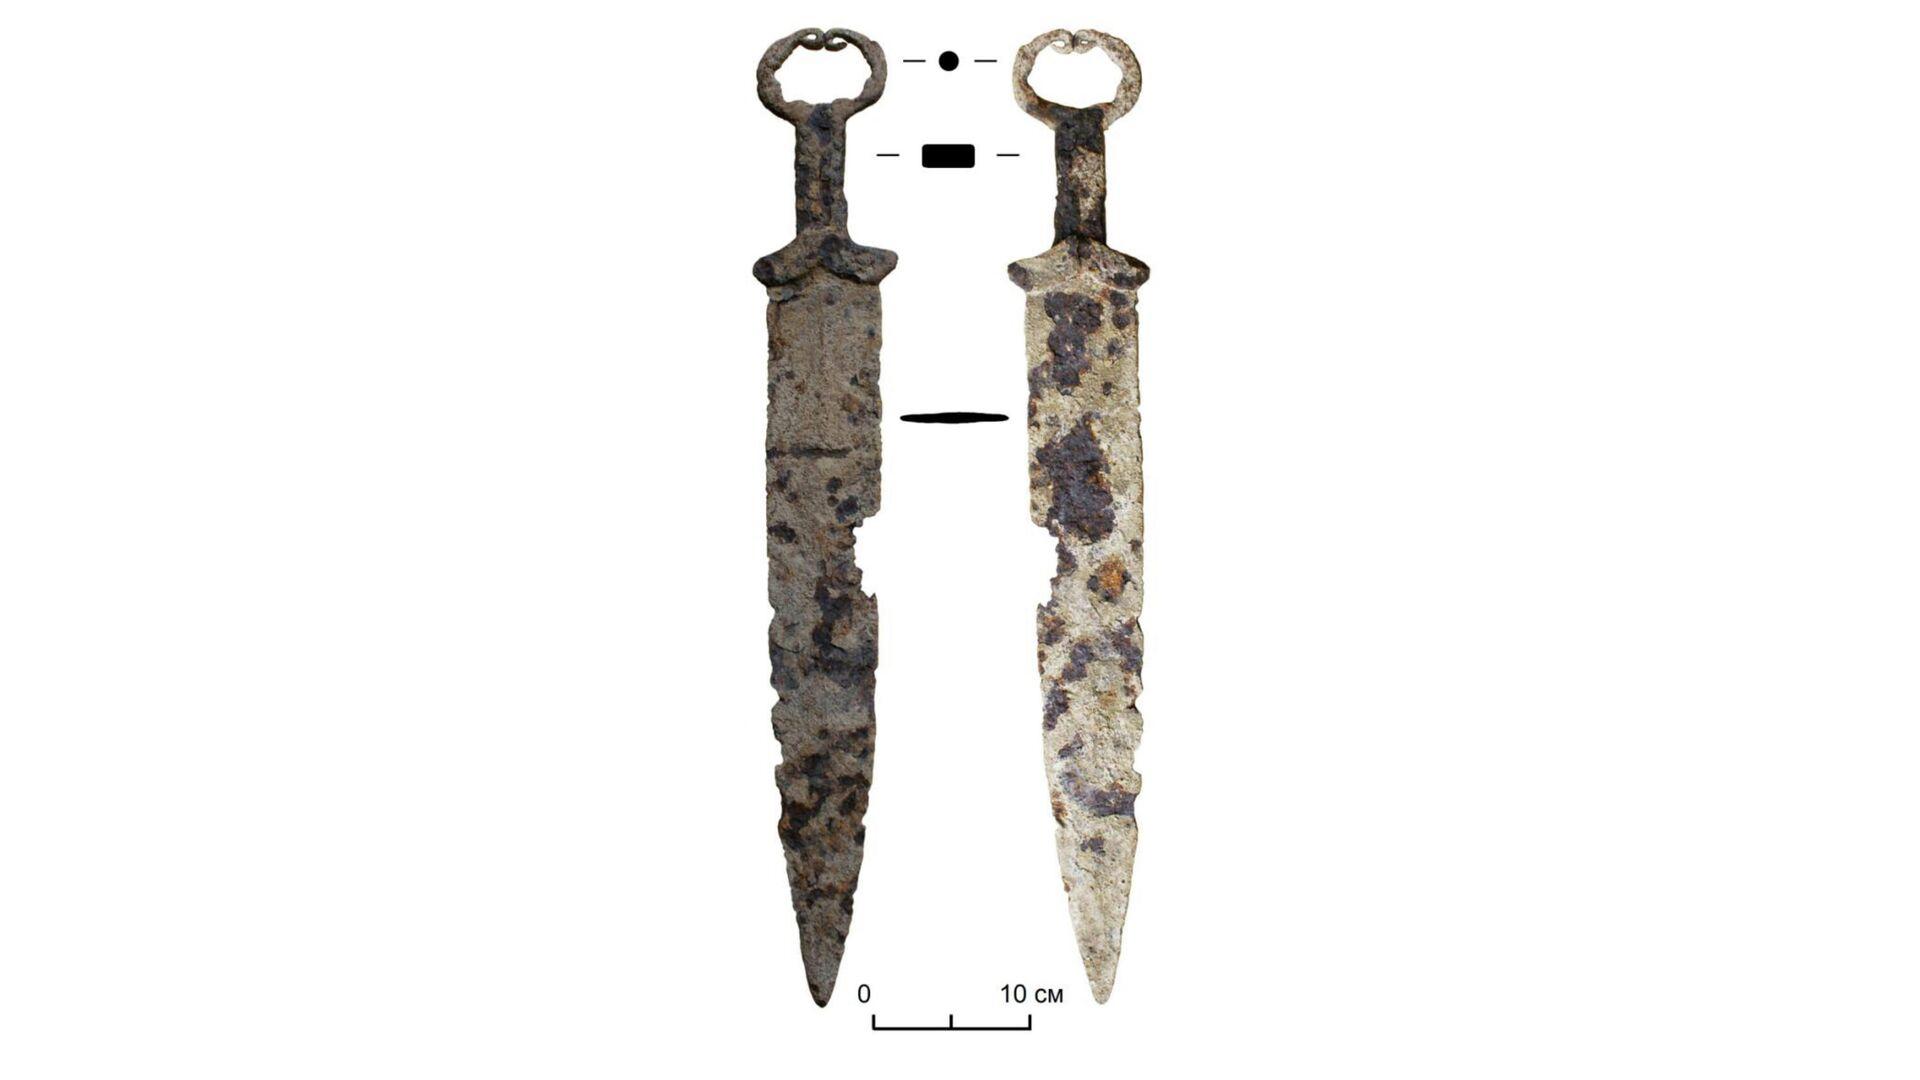 В Сибири скифский меч сдали в пункт приема металлолома